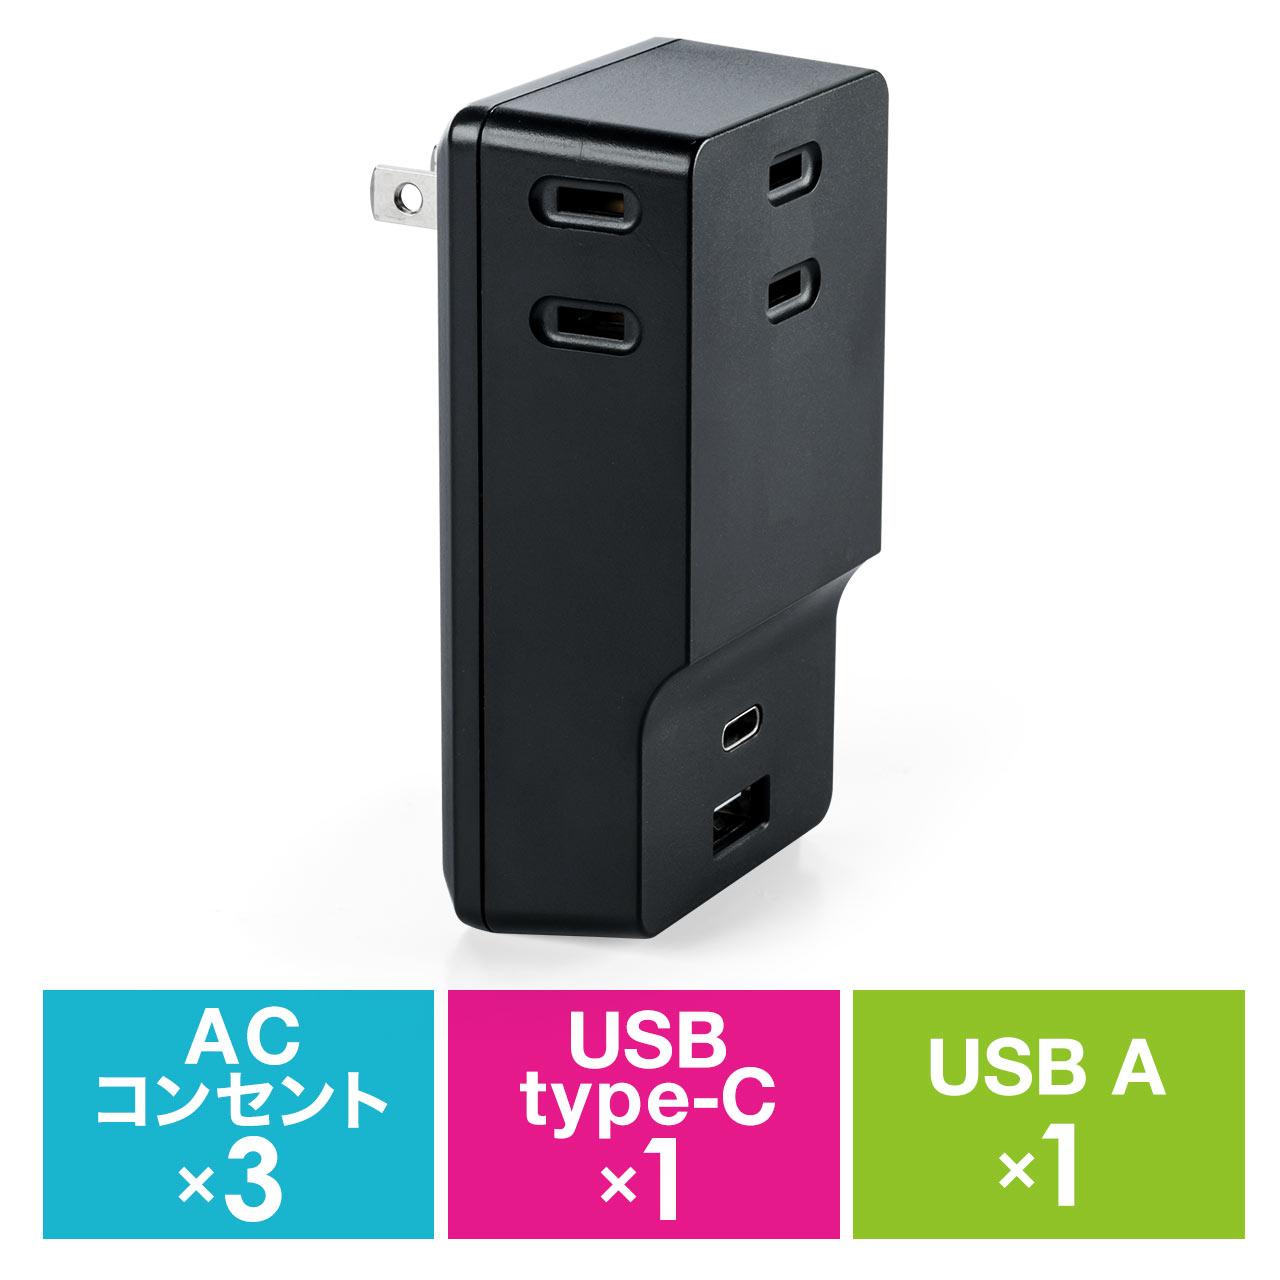 コンセントタップ付きUSB充電器(AC3ポート・USB Type C搭載・自動判別機能・最大合計5.1A・ブラック)  サンワダイレクト サンワサプ..